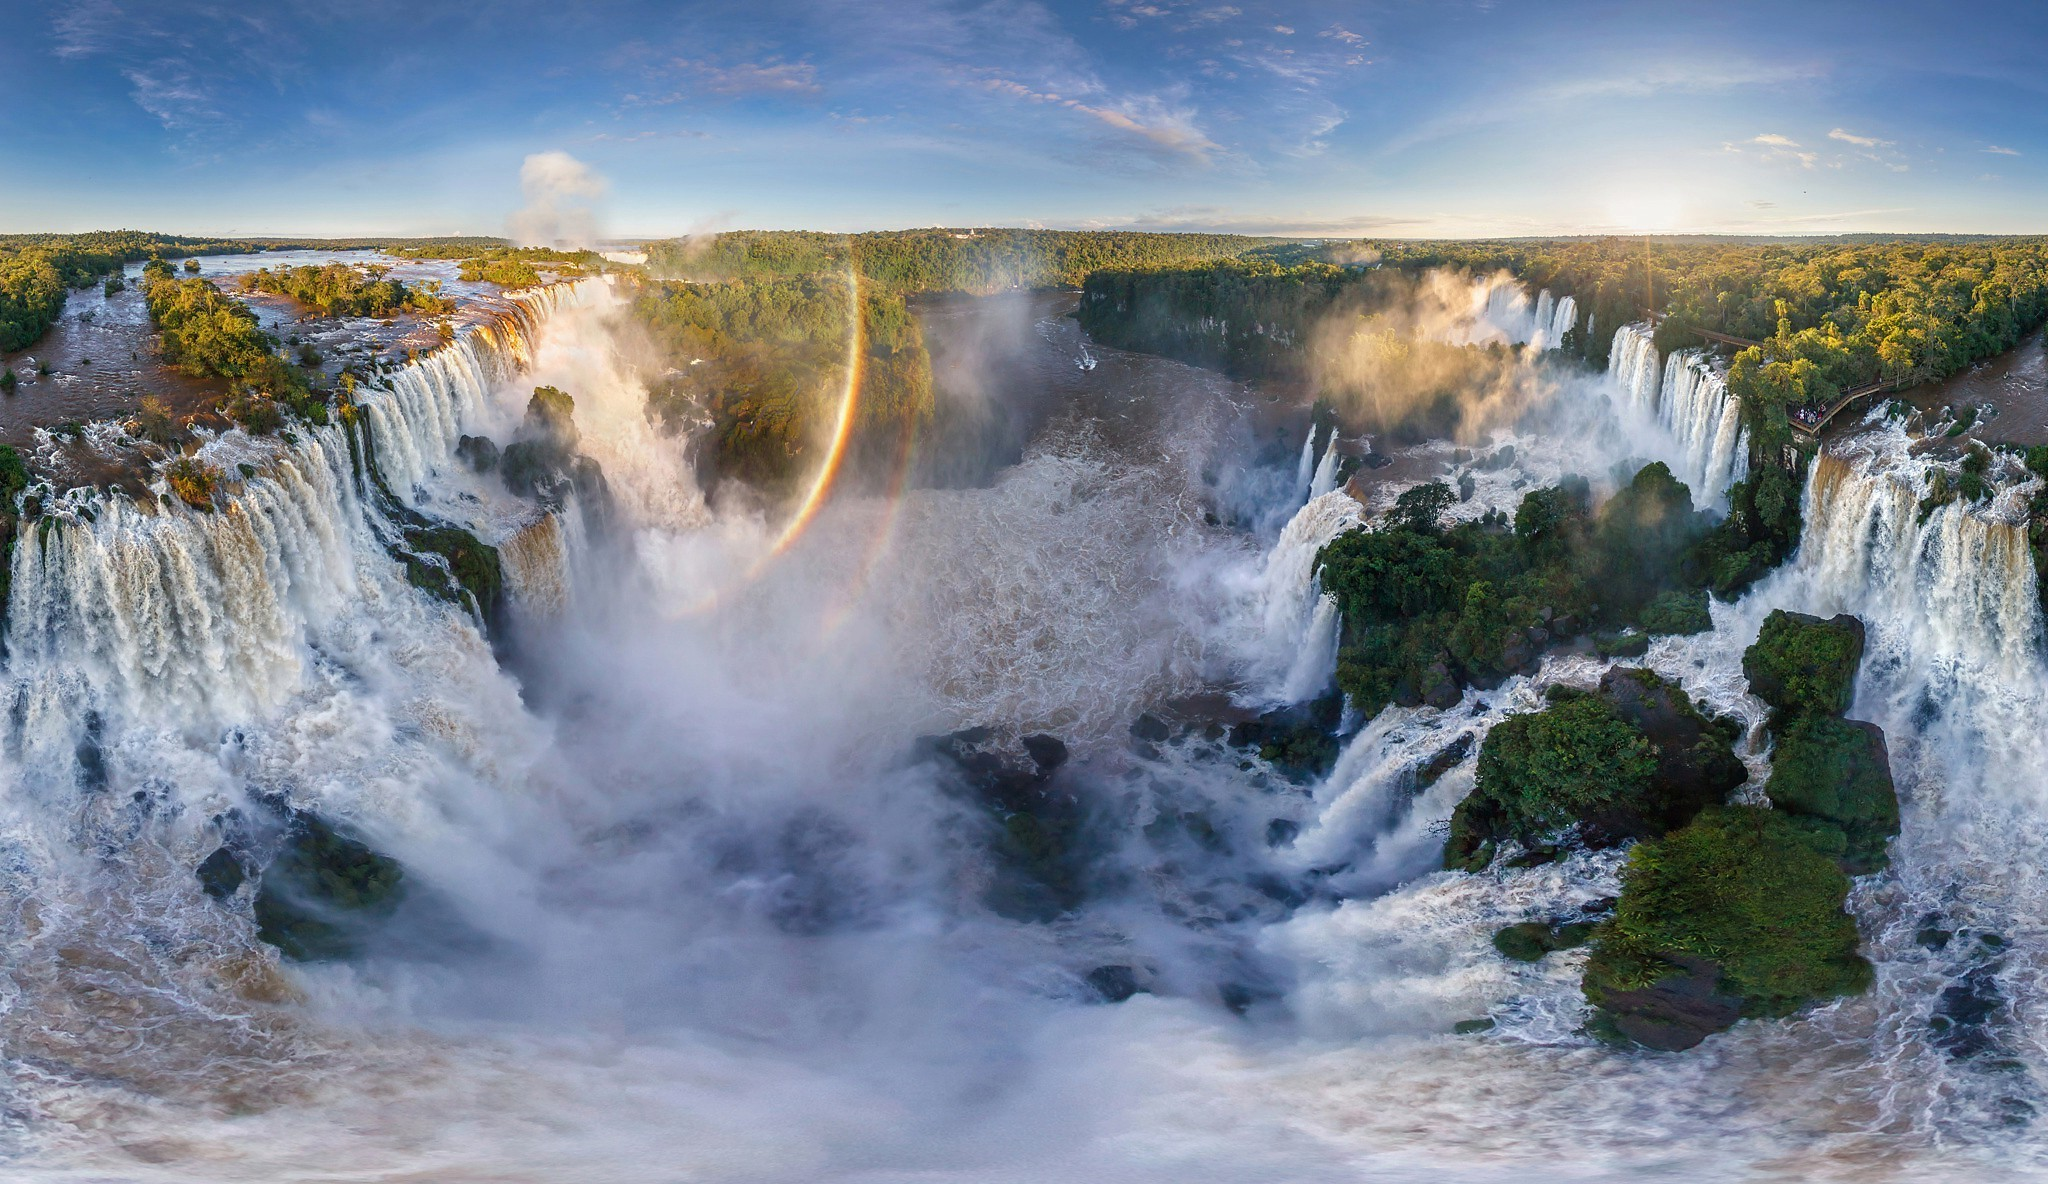 Rainbow Falls Hawaii Wallpaper Iguazu Falls Wallpaper 61 Images